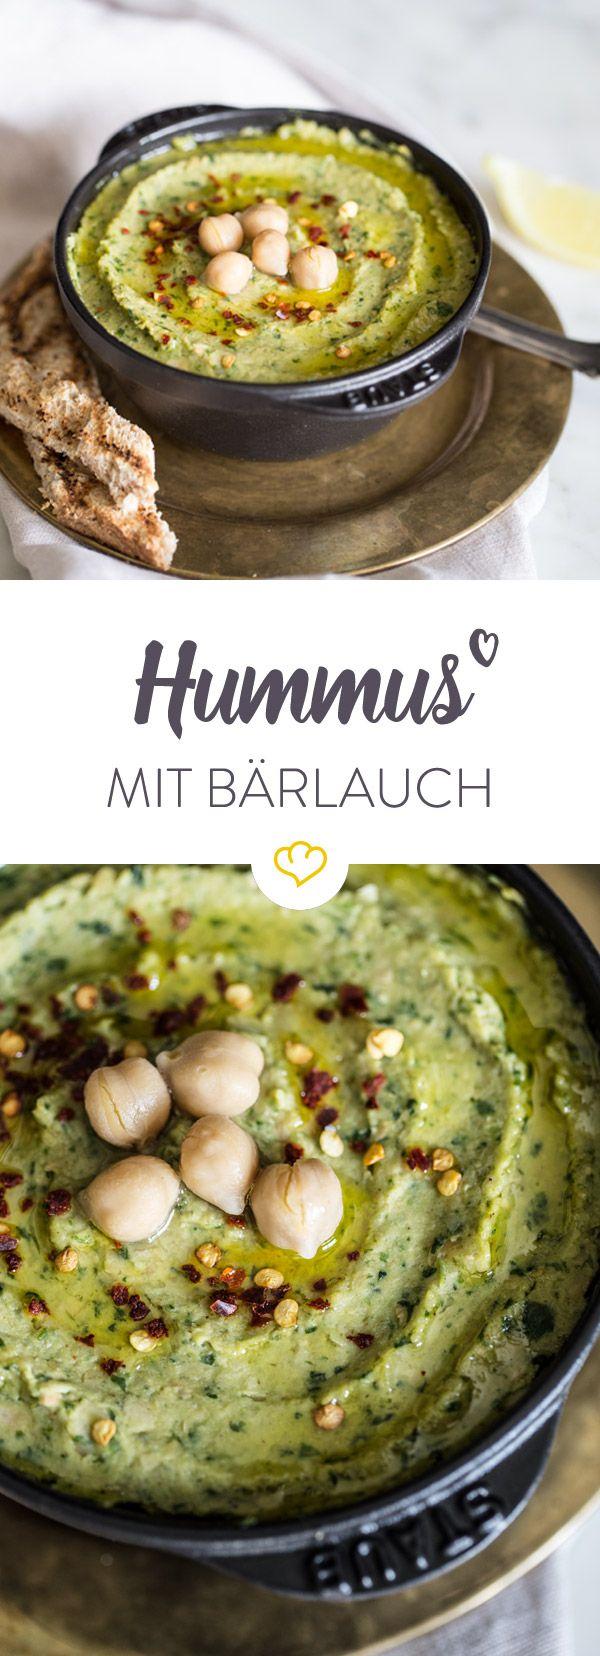 Kichererbsen und Bärlauch sind die Hauptkomponenten in dieser cremigen Hummus-Variante. Aromatisch und schnell gemacht - einfach zum Reindippen!